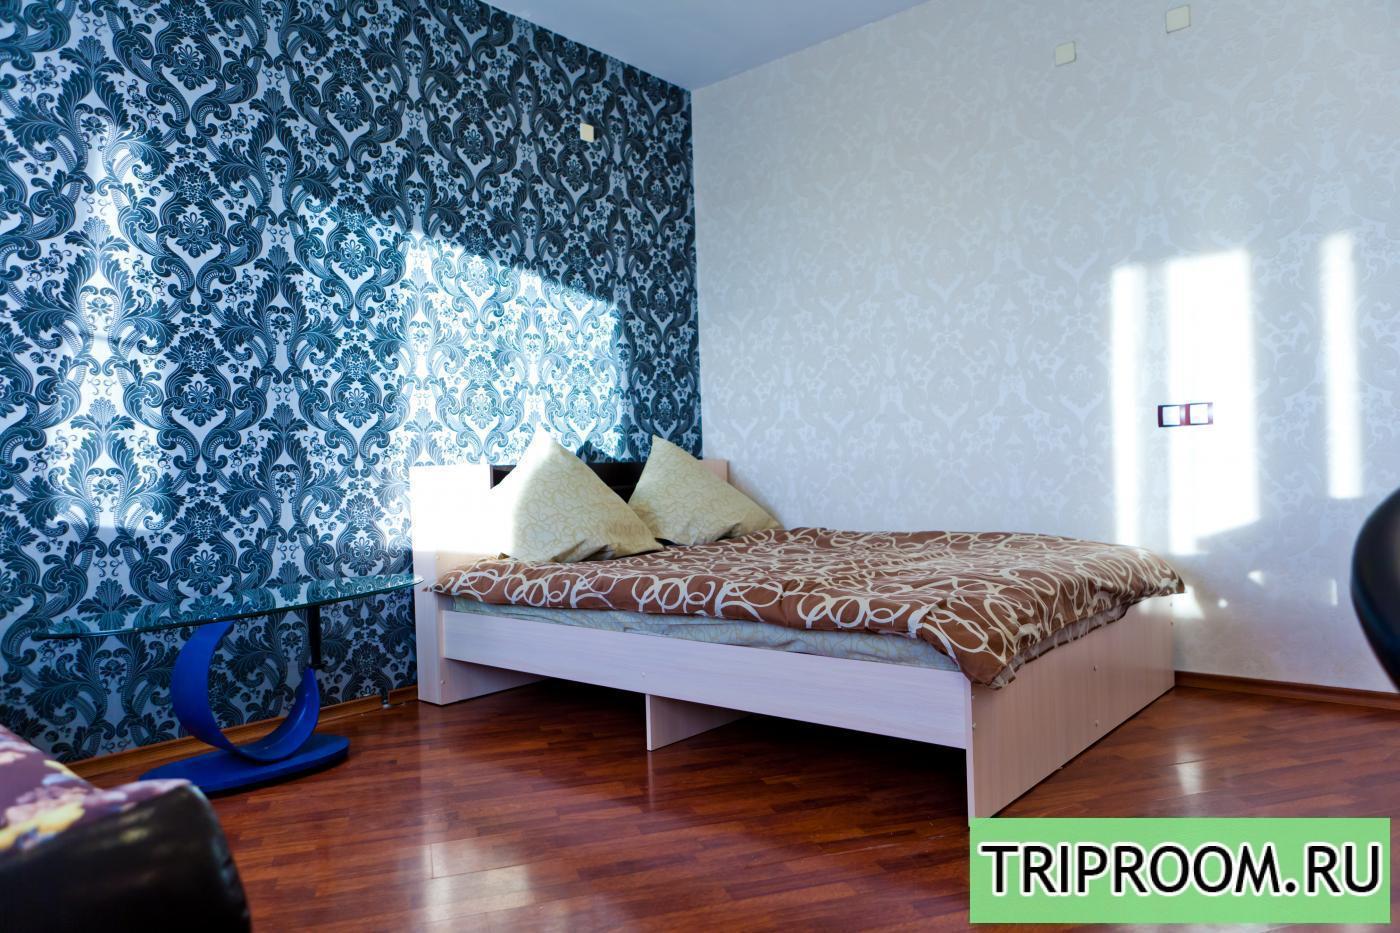 1-комнатная квартира посуточно (вариант № 8924), ул. Байкальская улица, фото № 1